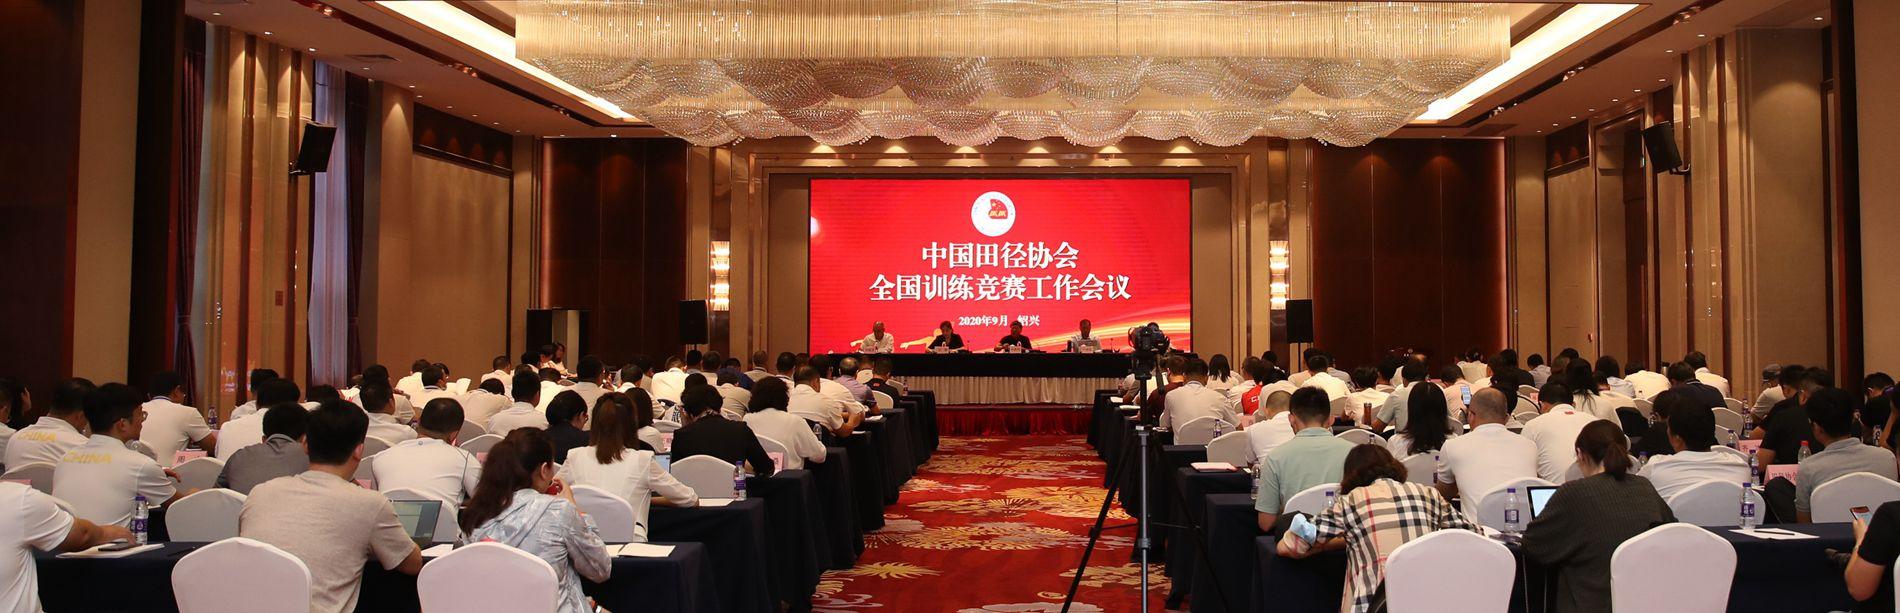 审时度势 精准施策 2020年全国田径训练竞赛工作会议在上虞召开